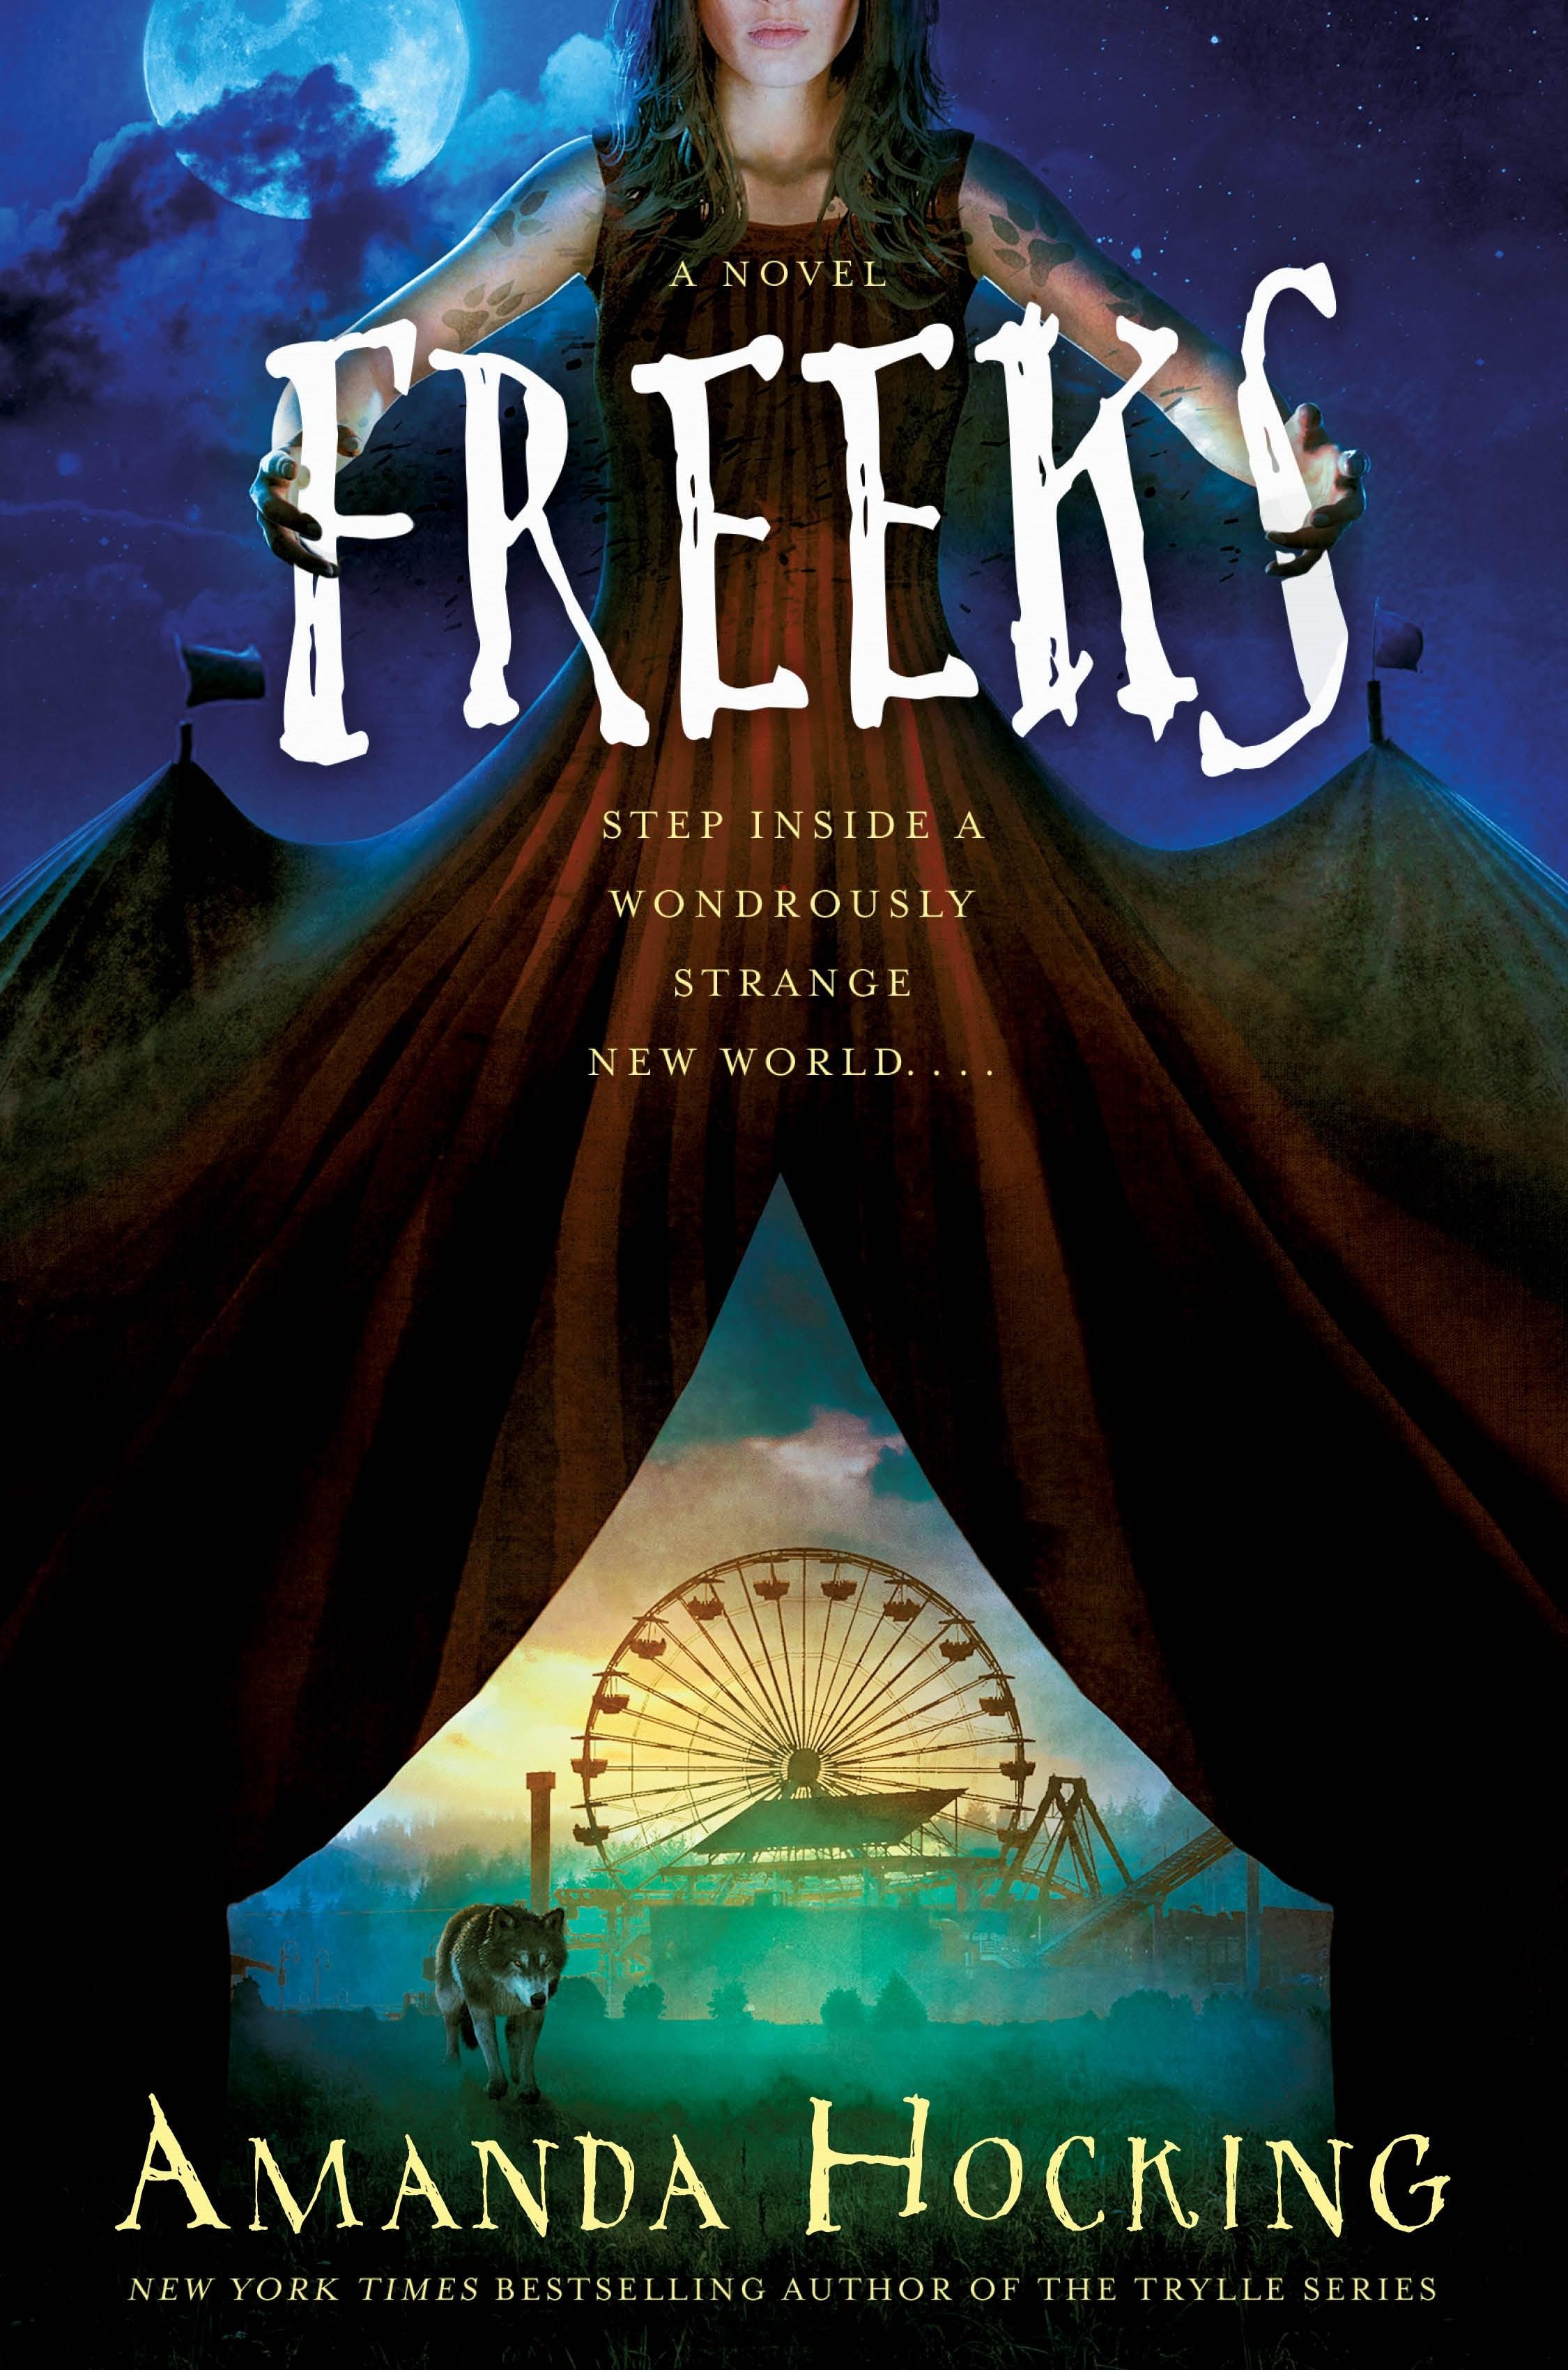 Freeks: A Novel